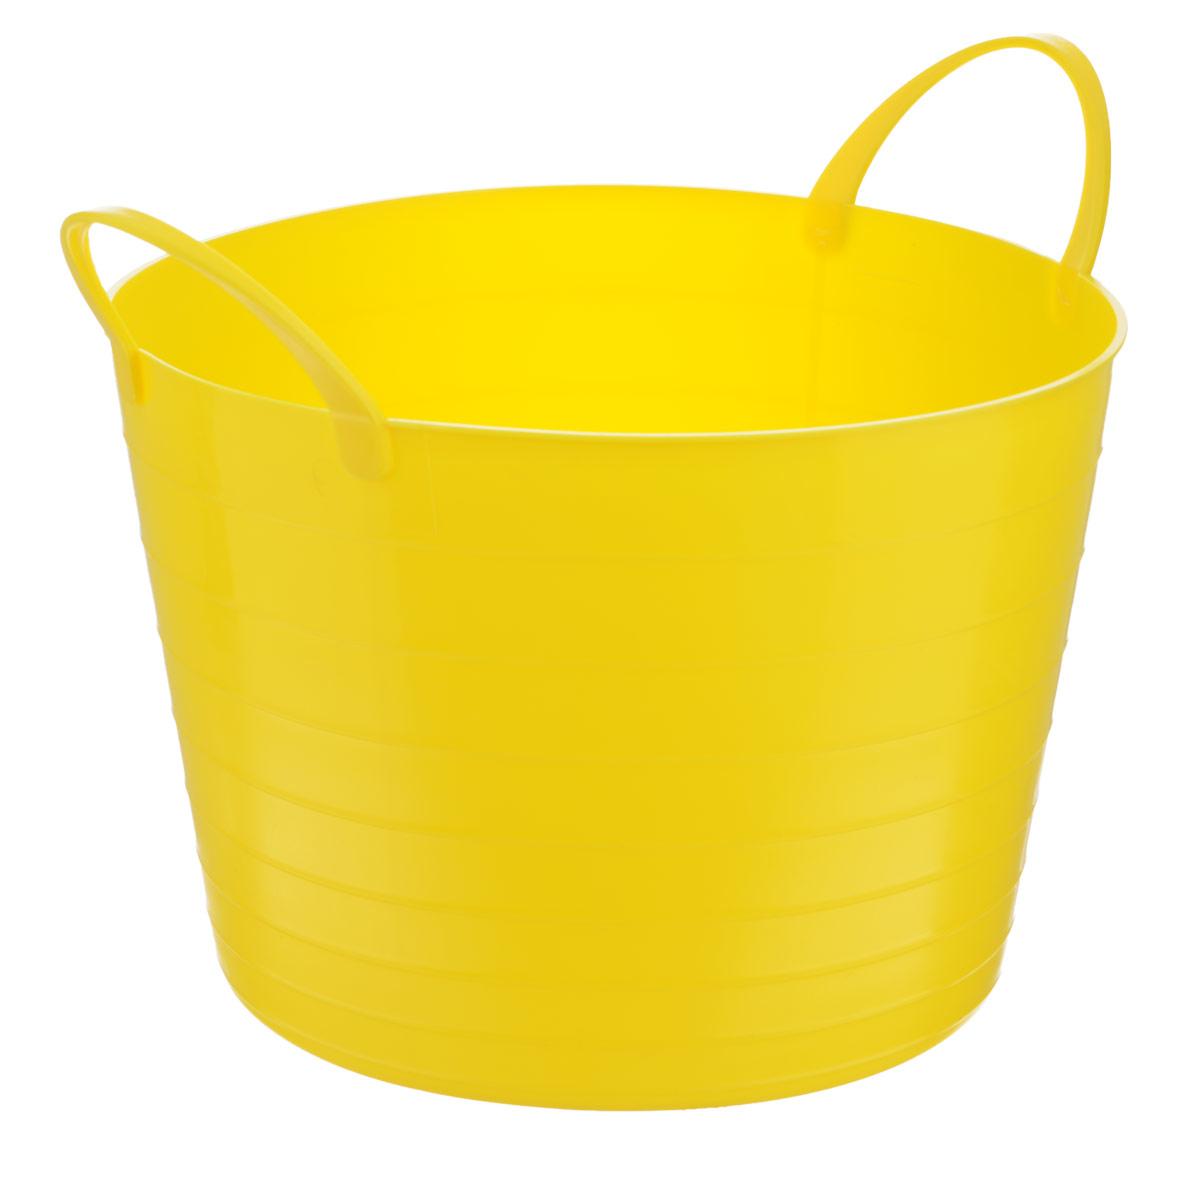 Корзина мягкая Idea, цвет: желтый, 17 лМ 2880Мягкая корзина Idea изготовлена из гибкого полиэтилена, оснащена двумя удобными ручками. Внутренняя поверхность имеет отметки литража. Такой корзинке можно найти множество применений в быту: для строительства, для сбора фруктов, овощей и грибов, для хранения бытовых предметов и много другого. Такая корзина пригодится в любом хозяйстве. Размер (без учета ручек): 33,5 х 33,5 х 24 см.